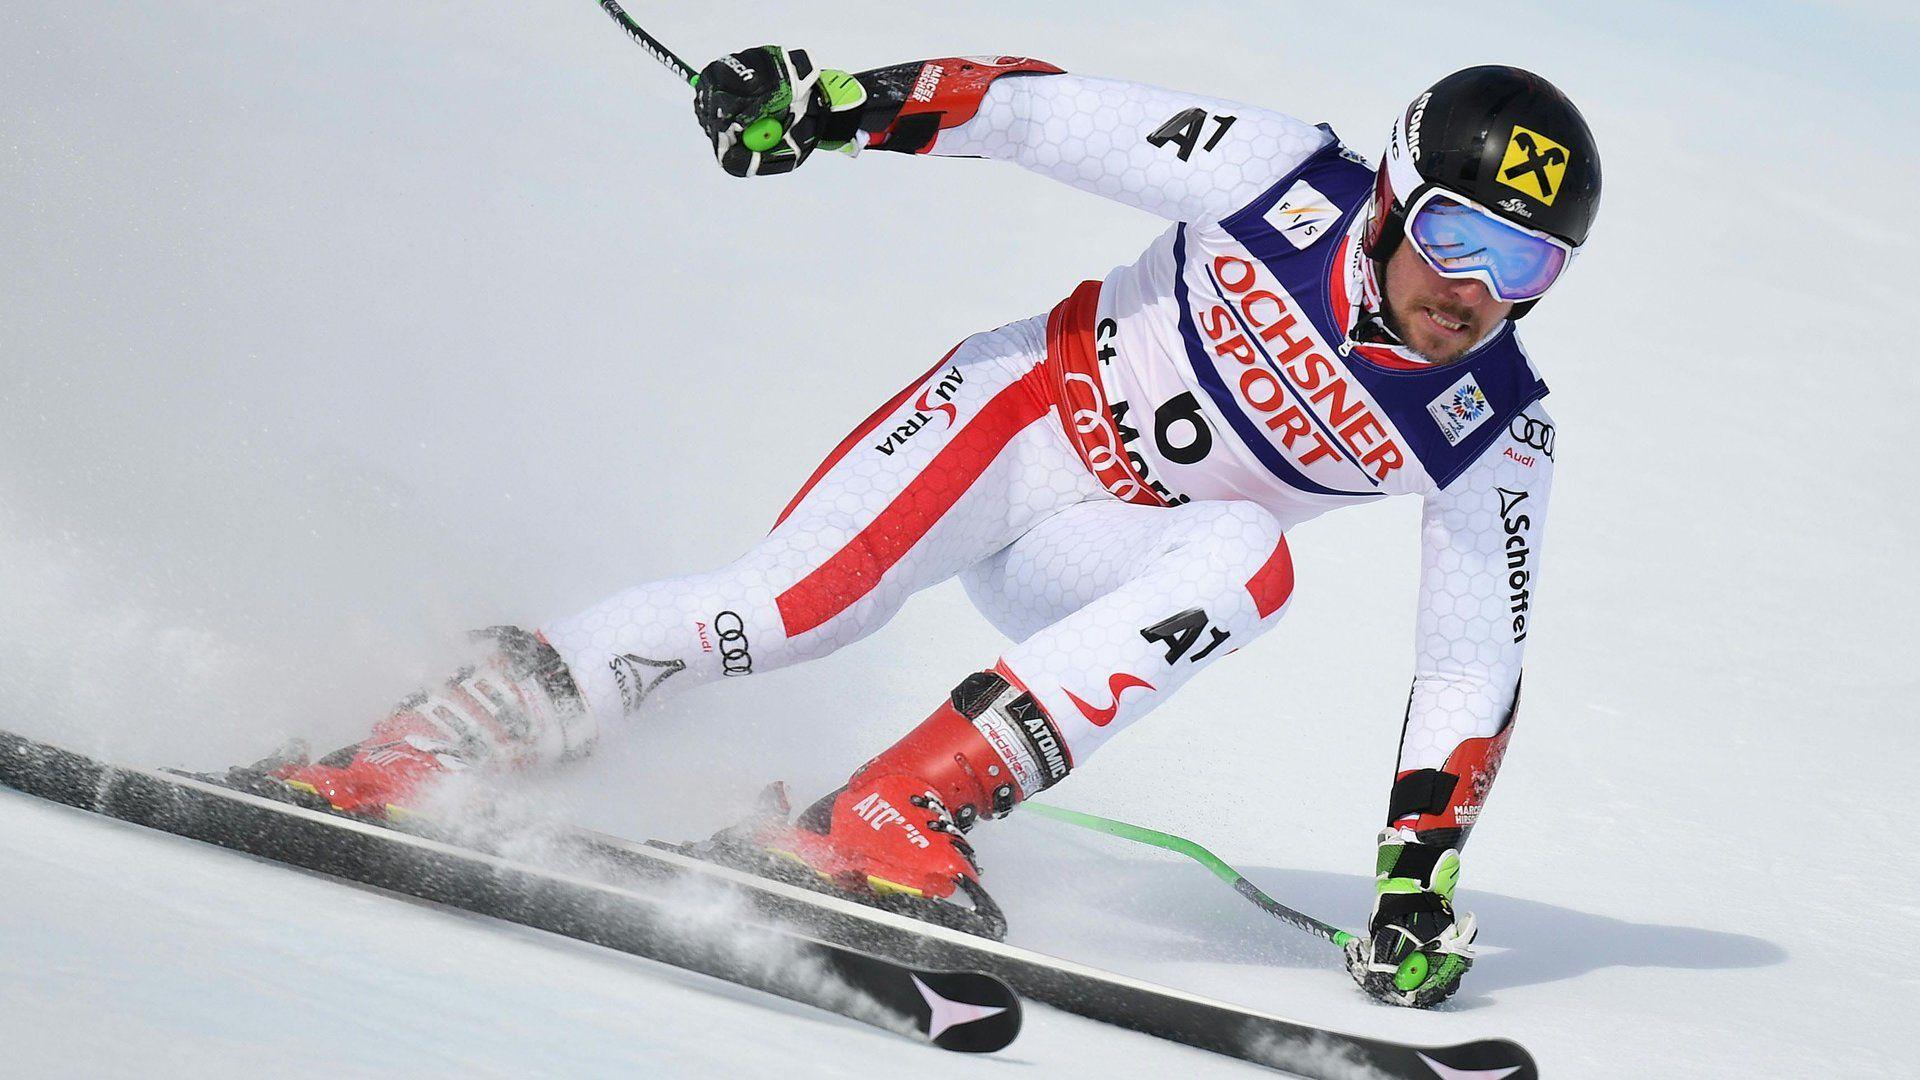 Alpine Ski WM 2017. Gold (Marcel Hirscher) und Silber (Roland Leitinger) für Österreich im WM-Riesenslalom - kurier.at